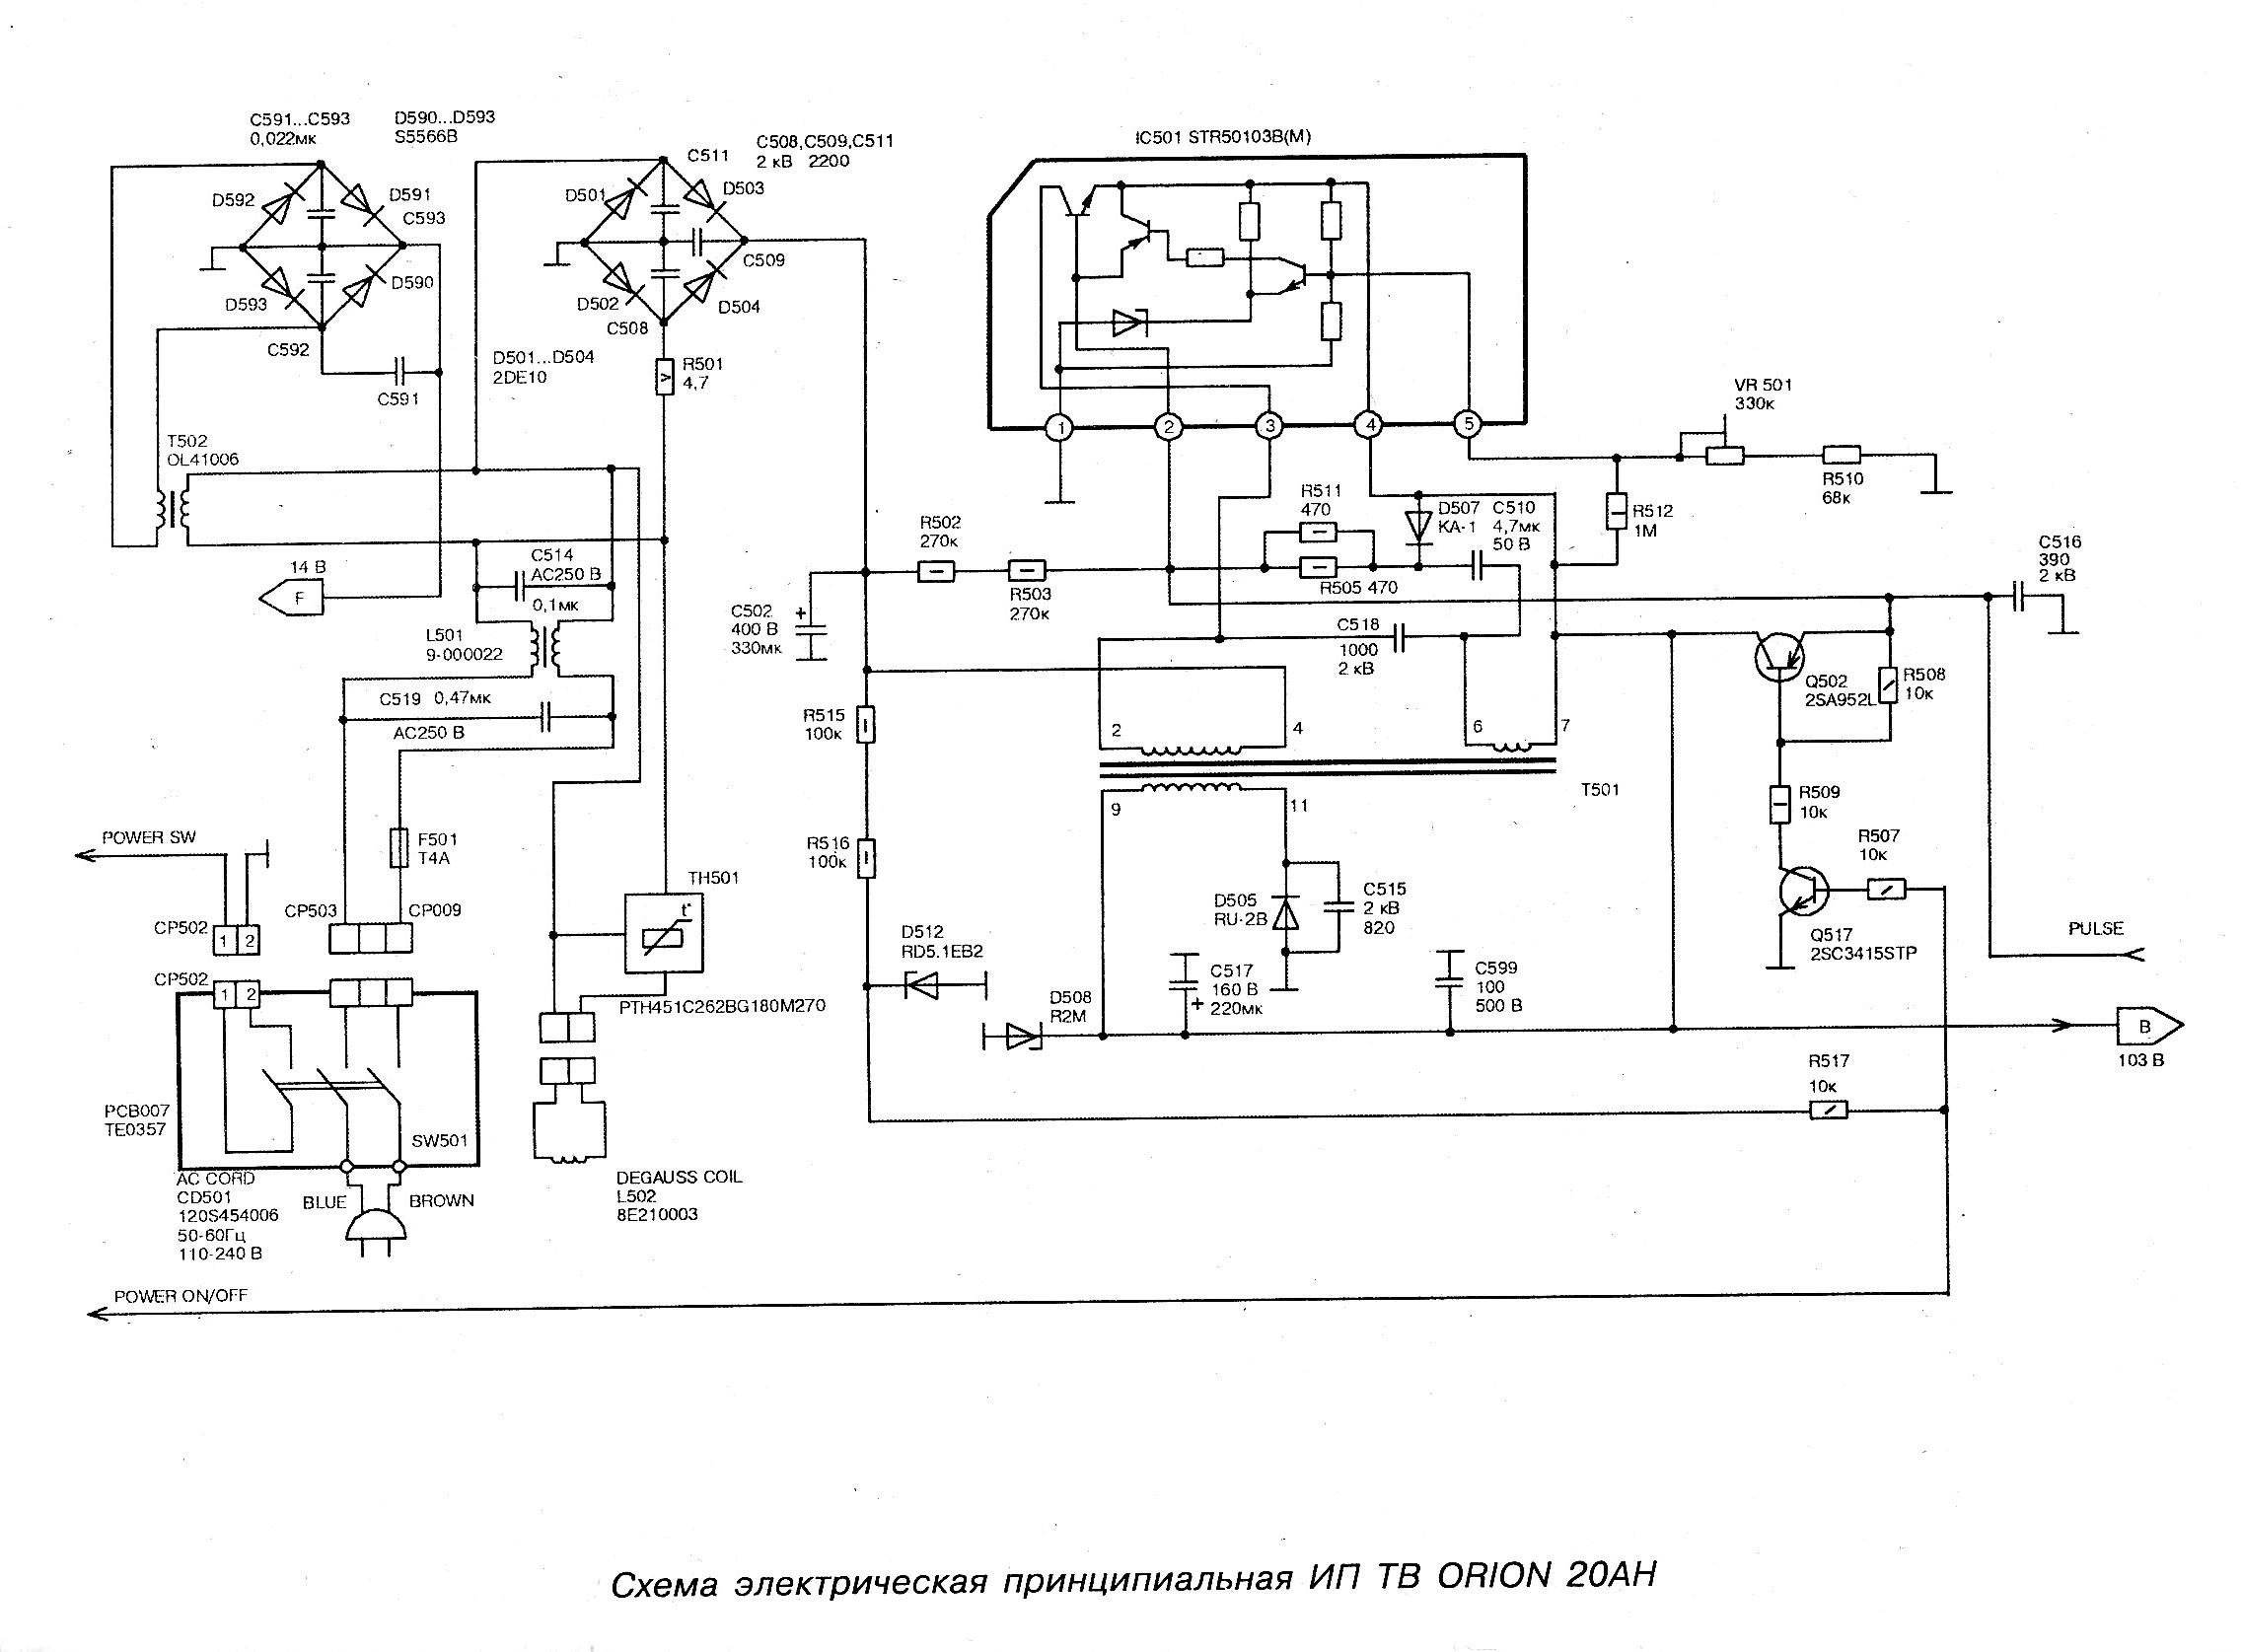 Lg cf 20d70 схема 995